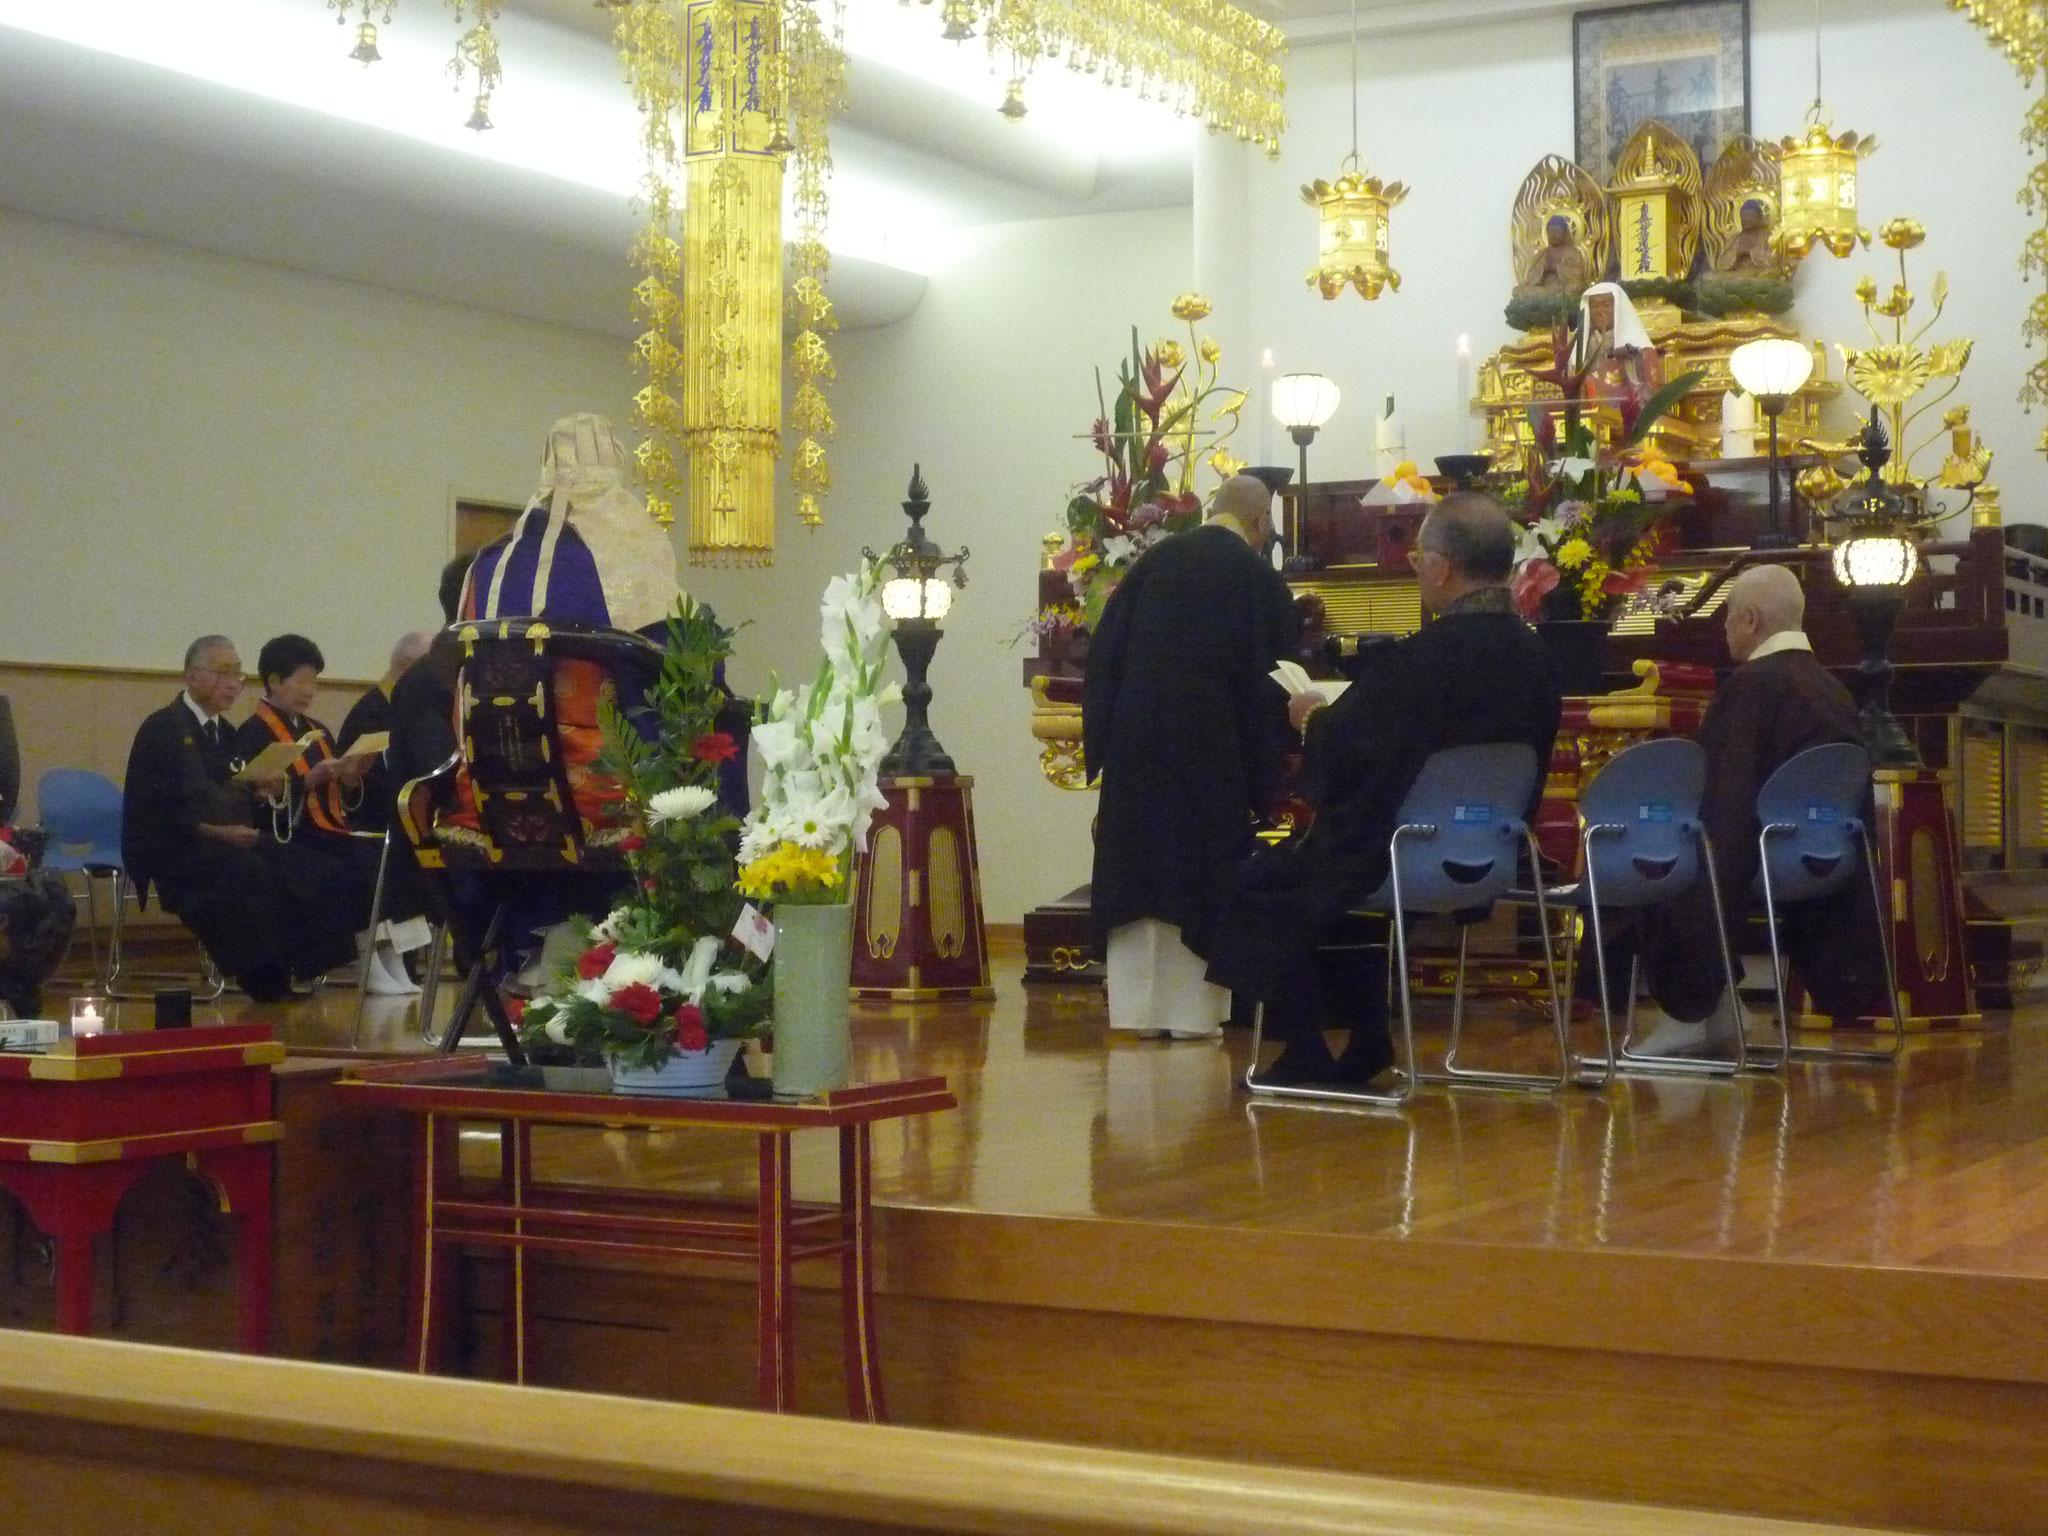 ハワイ仏教連合会主催の花まつり 法要